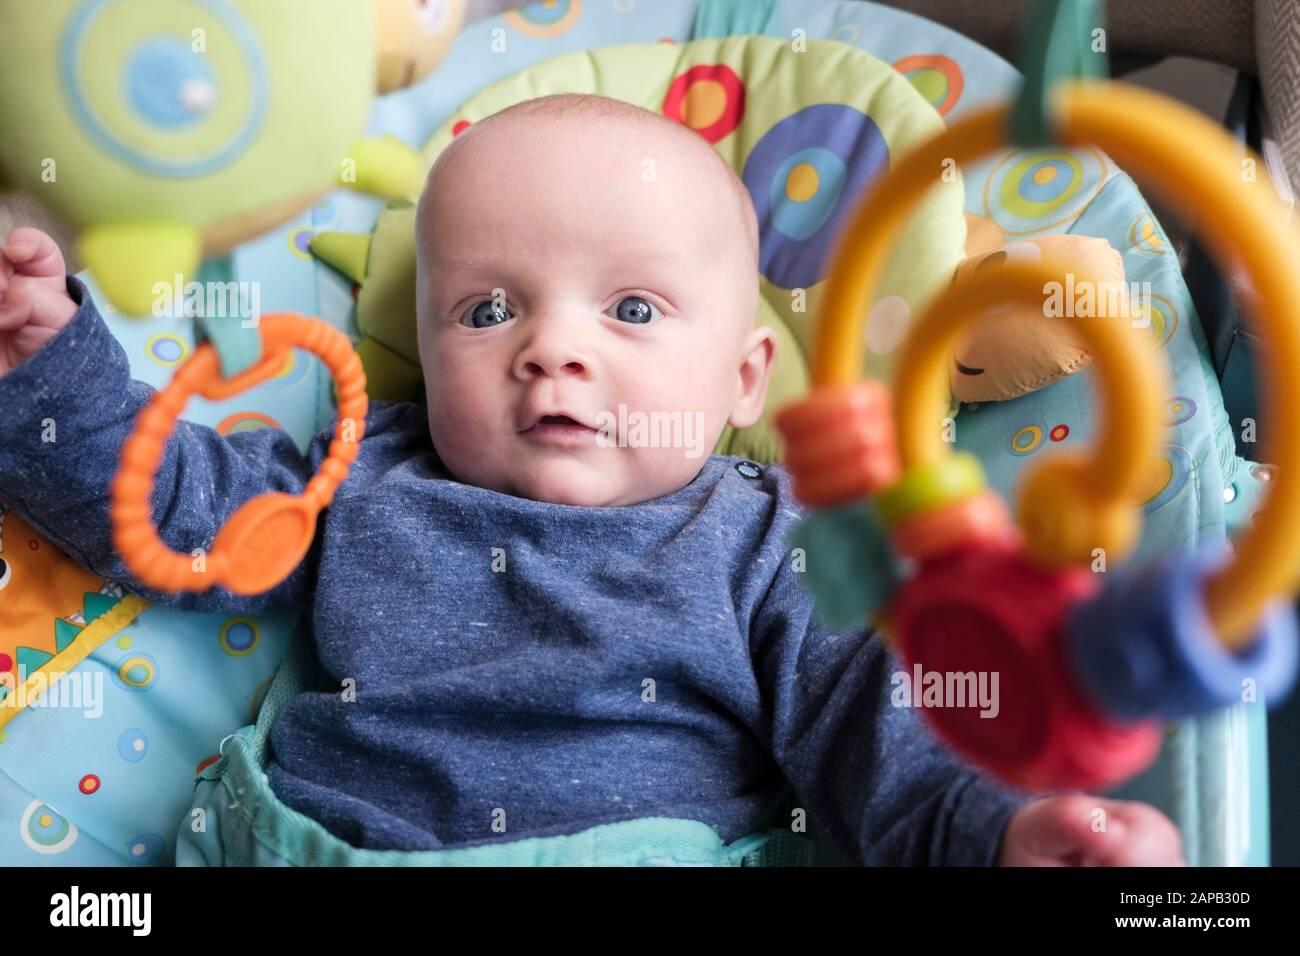 Authentisches Bild eines süßen Jungen im Alter von fünf Monaten in einem Aktivitätsstuhl, der Interesse an interessanten hängenden Spielzeugen hat. England, Großbritannien, Großbritannien Stockfoto